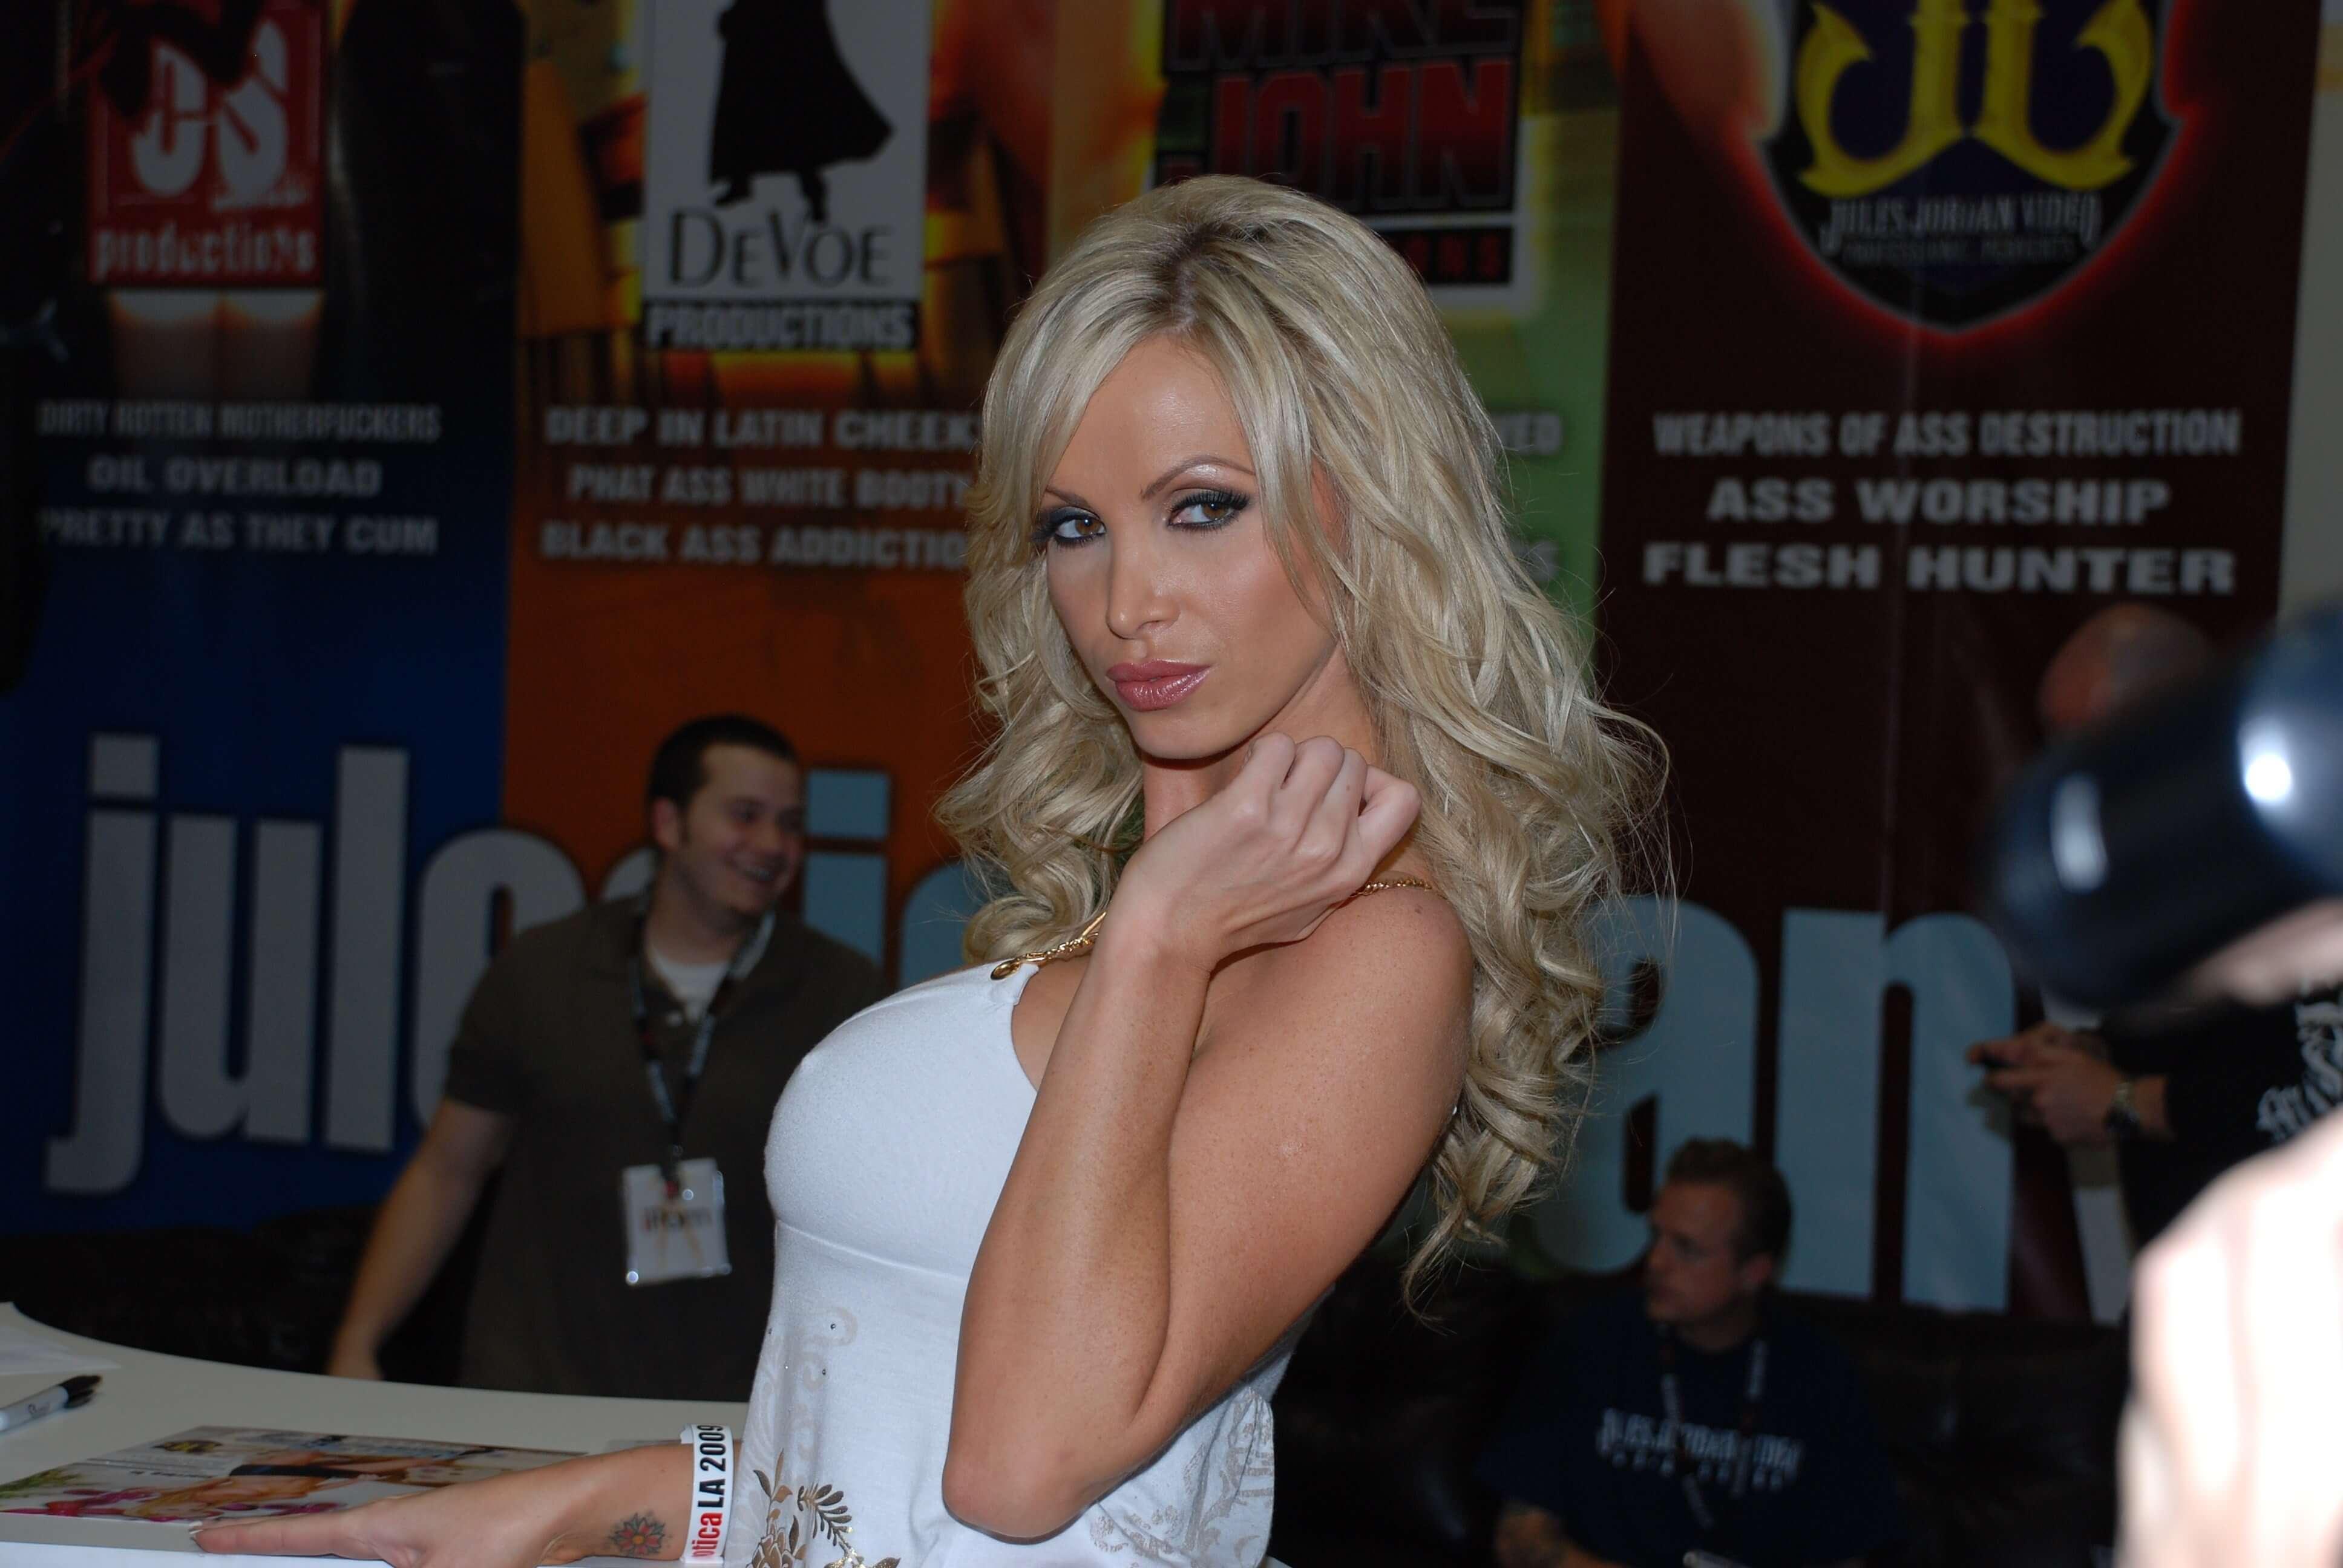 Nikki Benz Photos